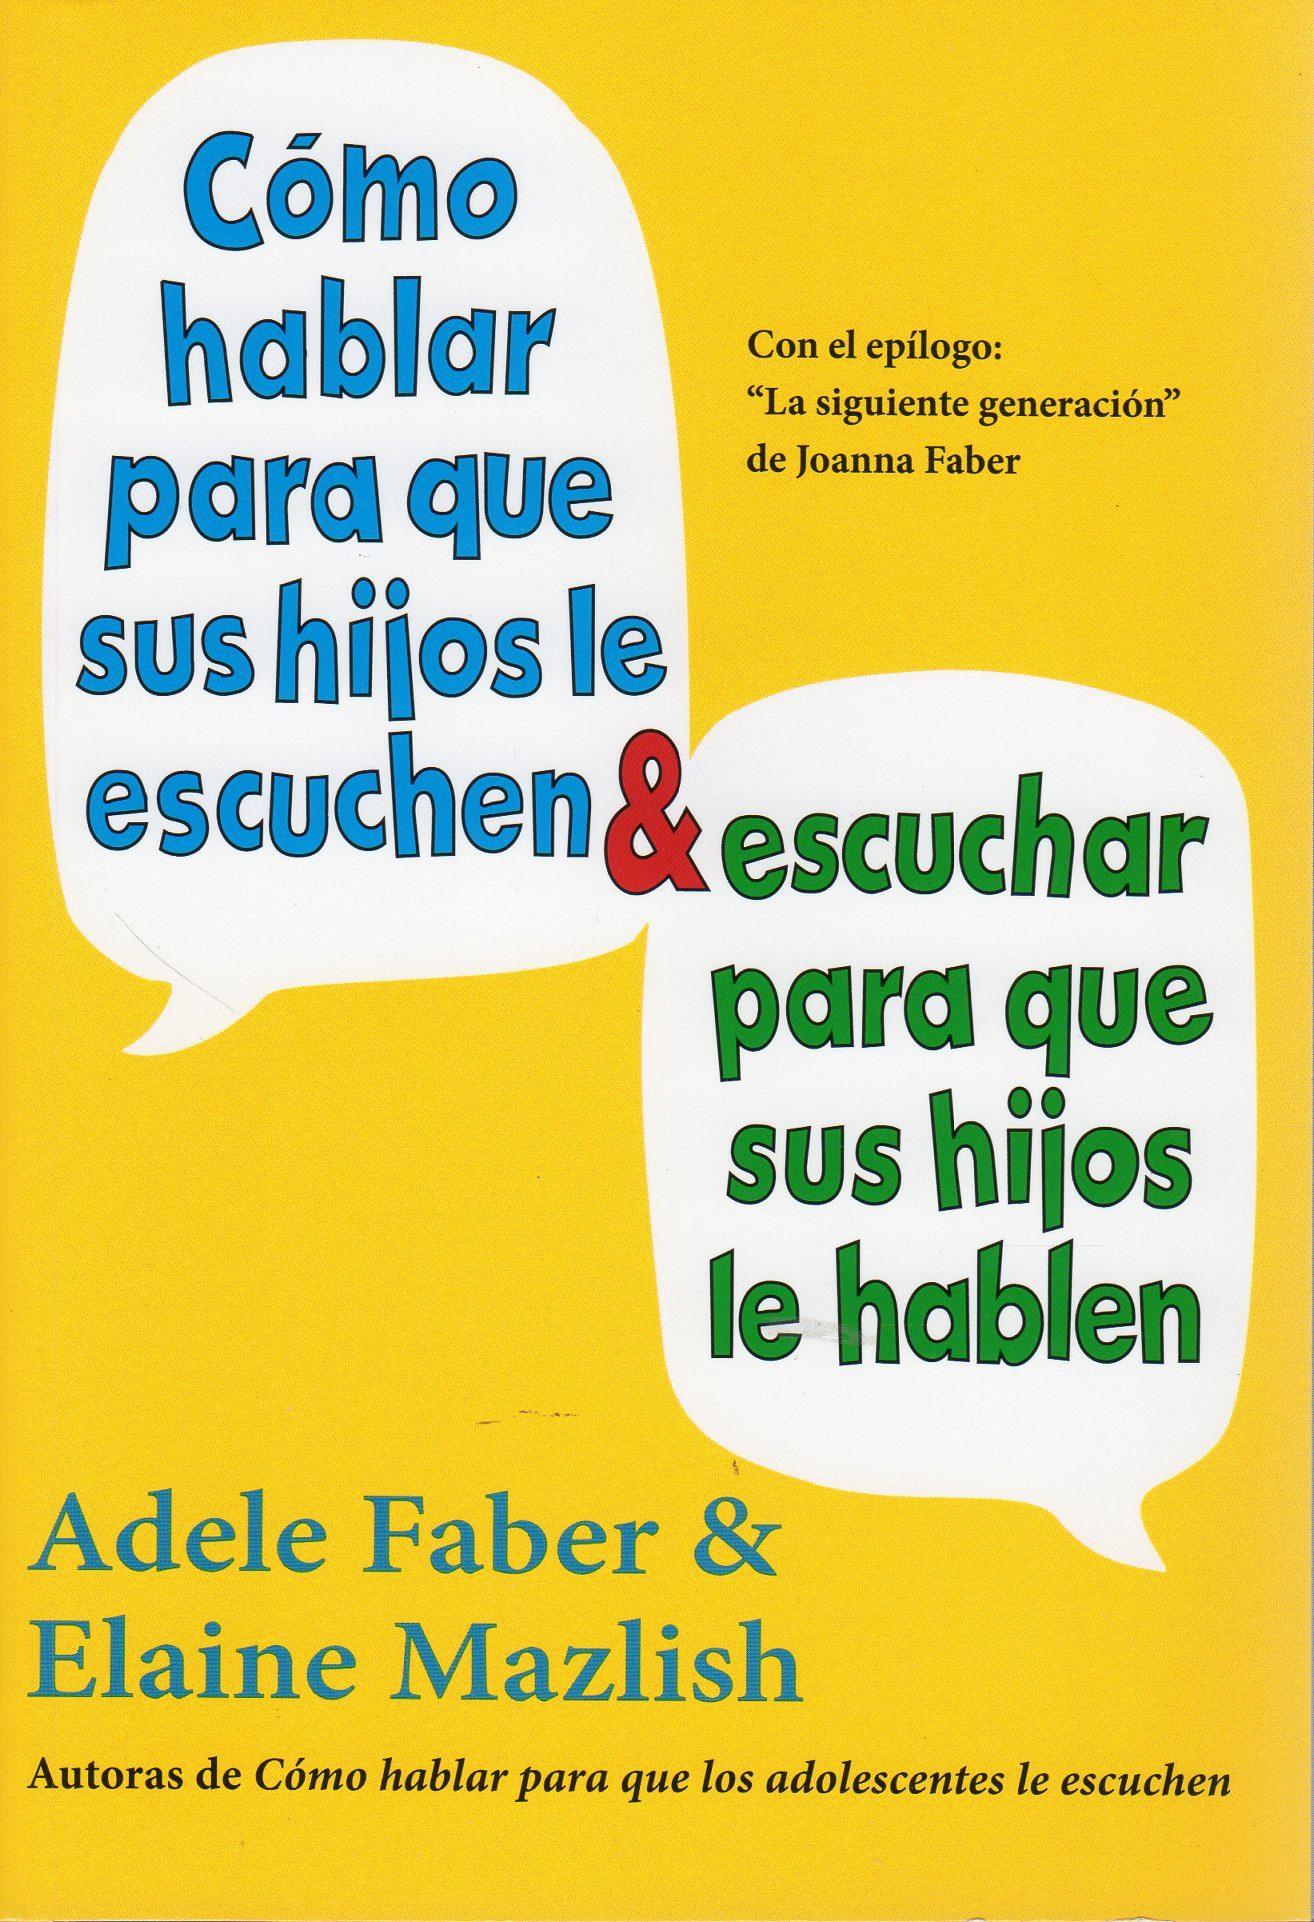 Como Hablar Para Que Sus Hijos Le Escuchen Y Escuchar Para Que Su S Hijos Le Hablen por Adele Faber;                                                                                    Elaine Mazlish